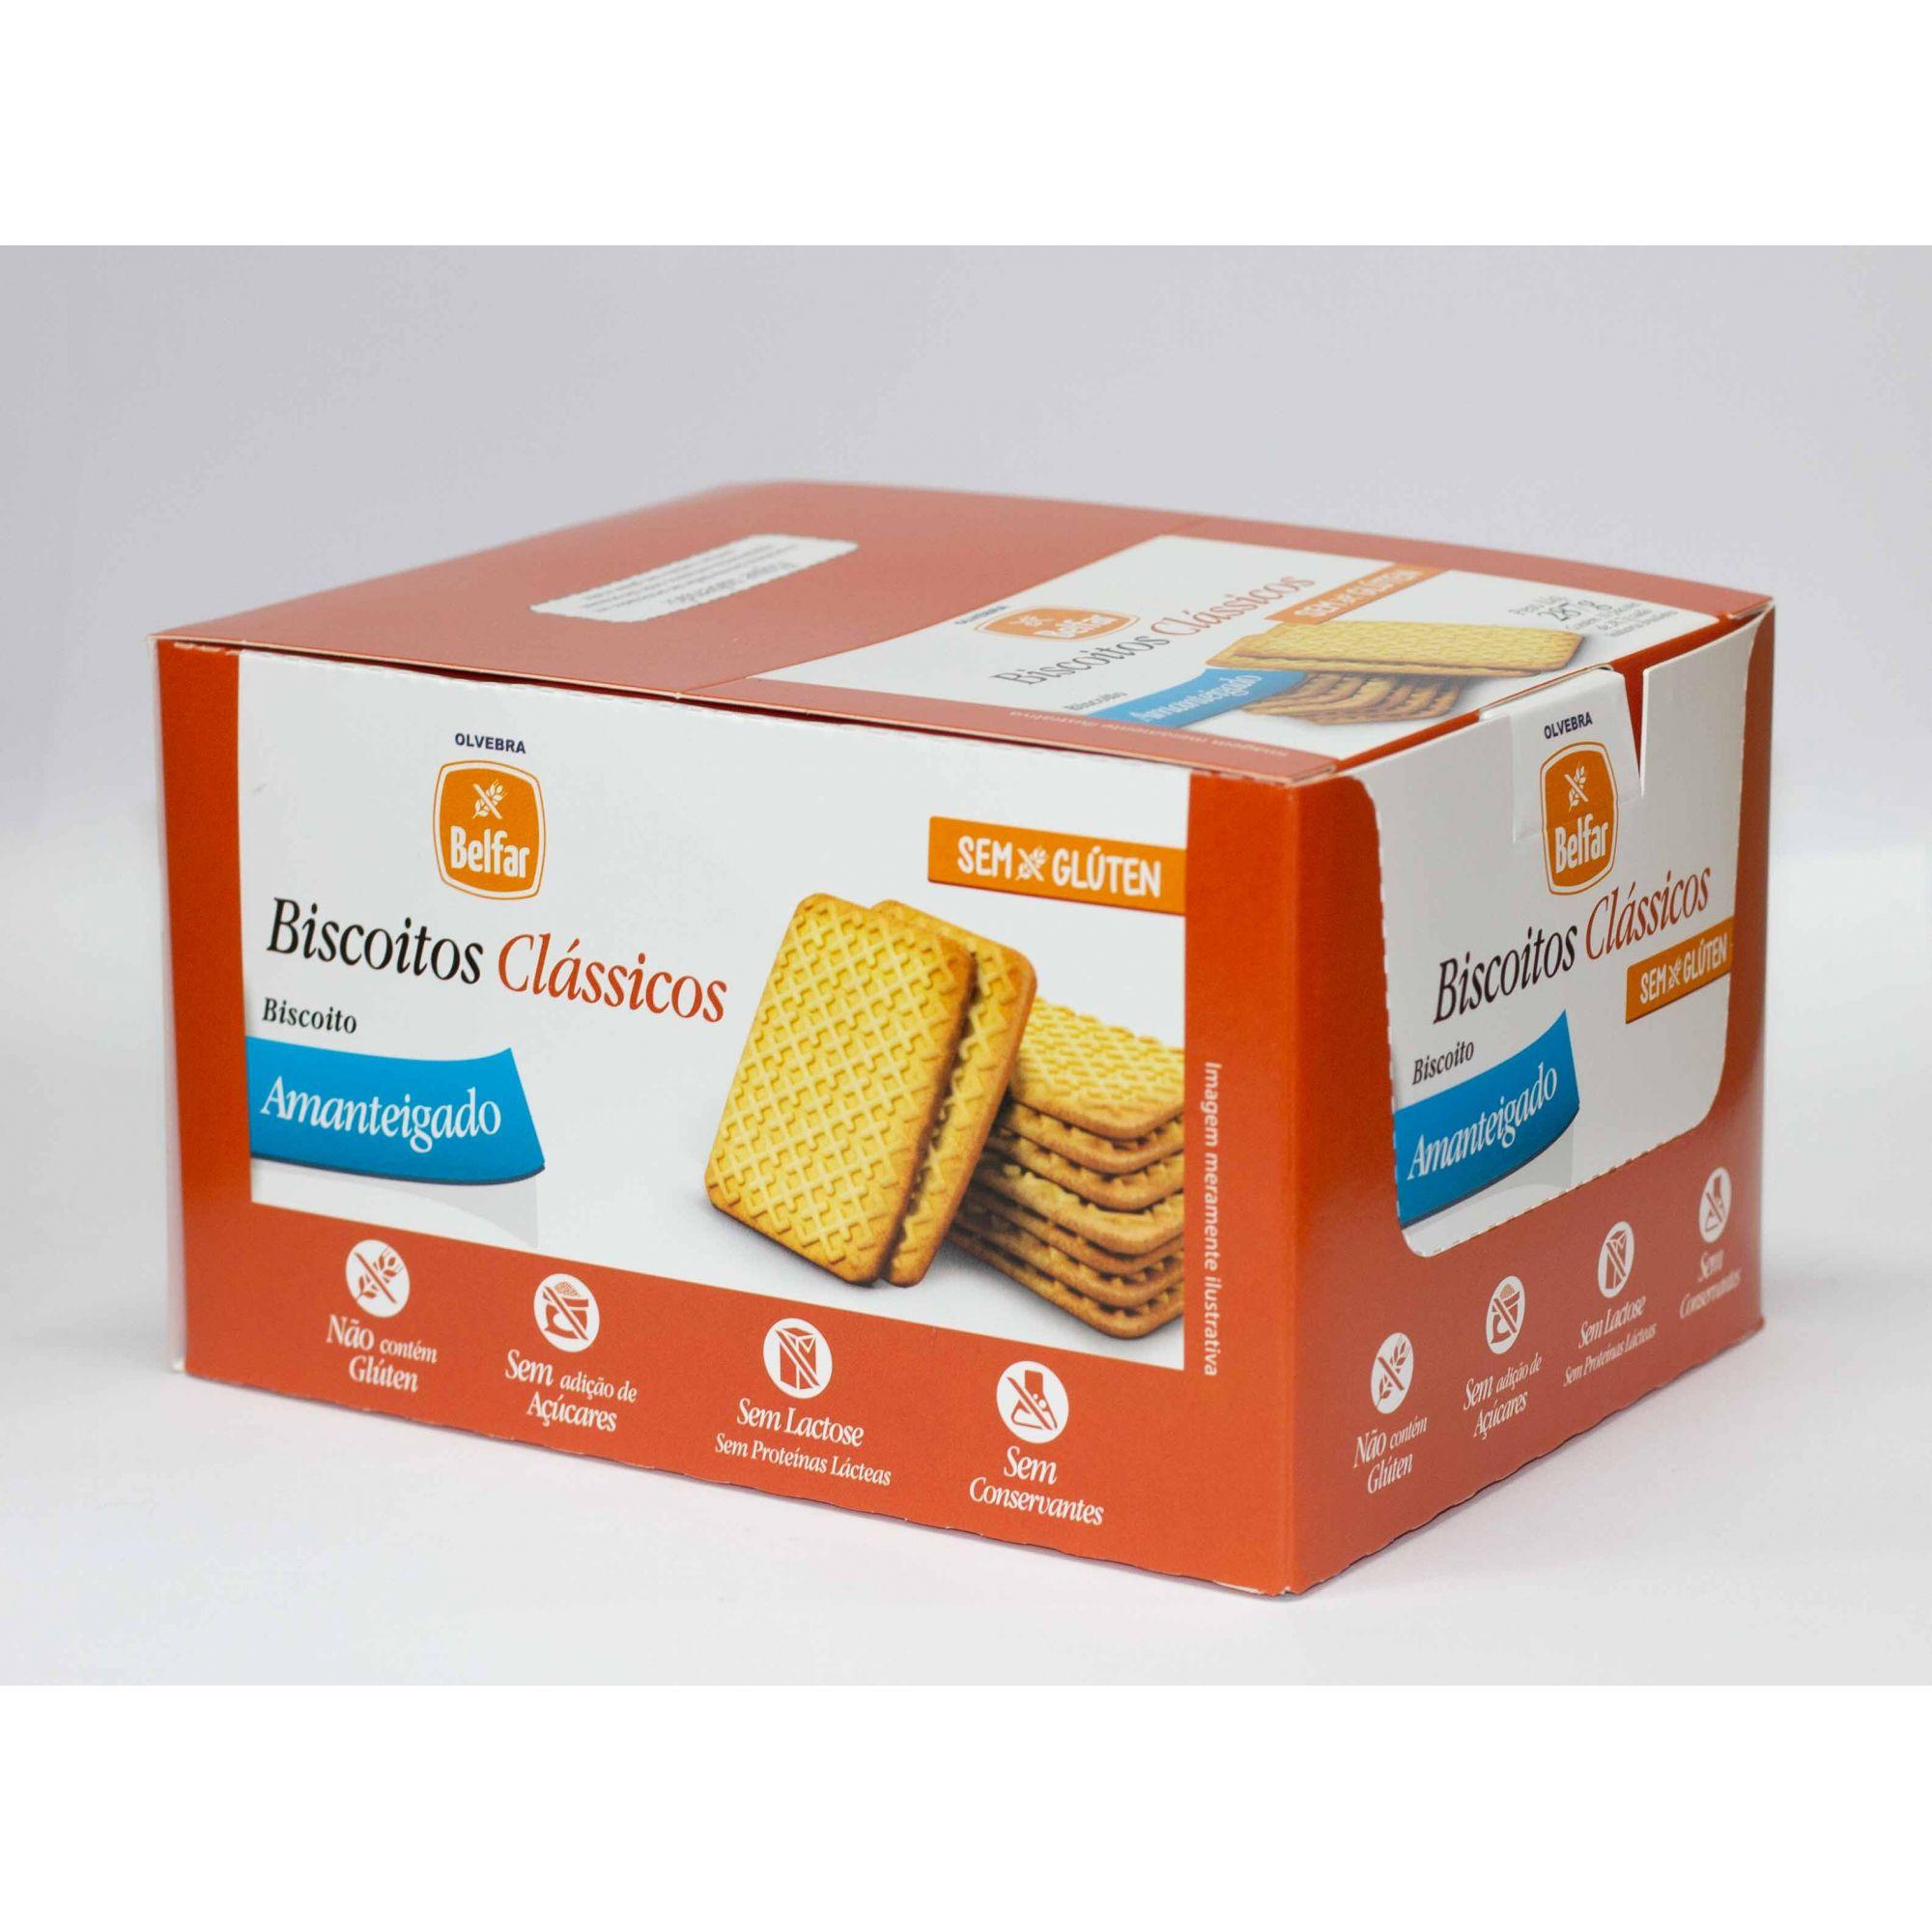 Biscoito Clássico Amanteigado Belfar 28,7g - Display com 10 Unidades